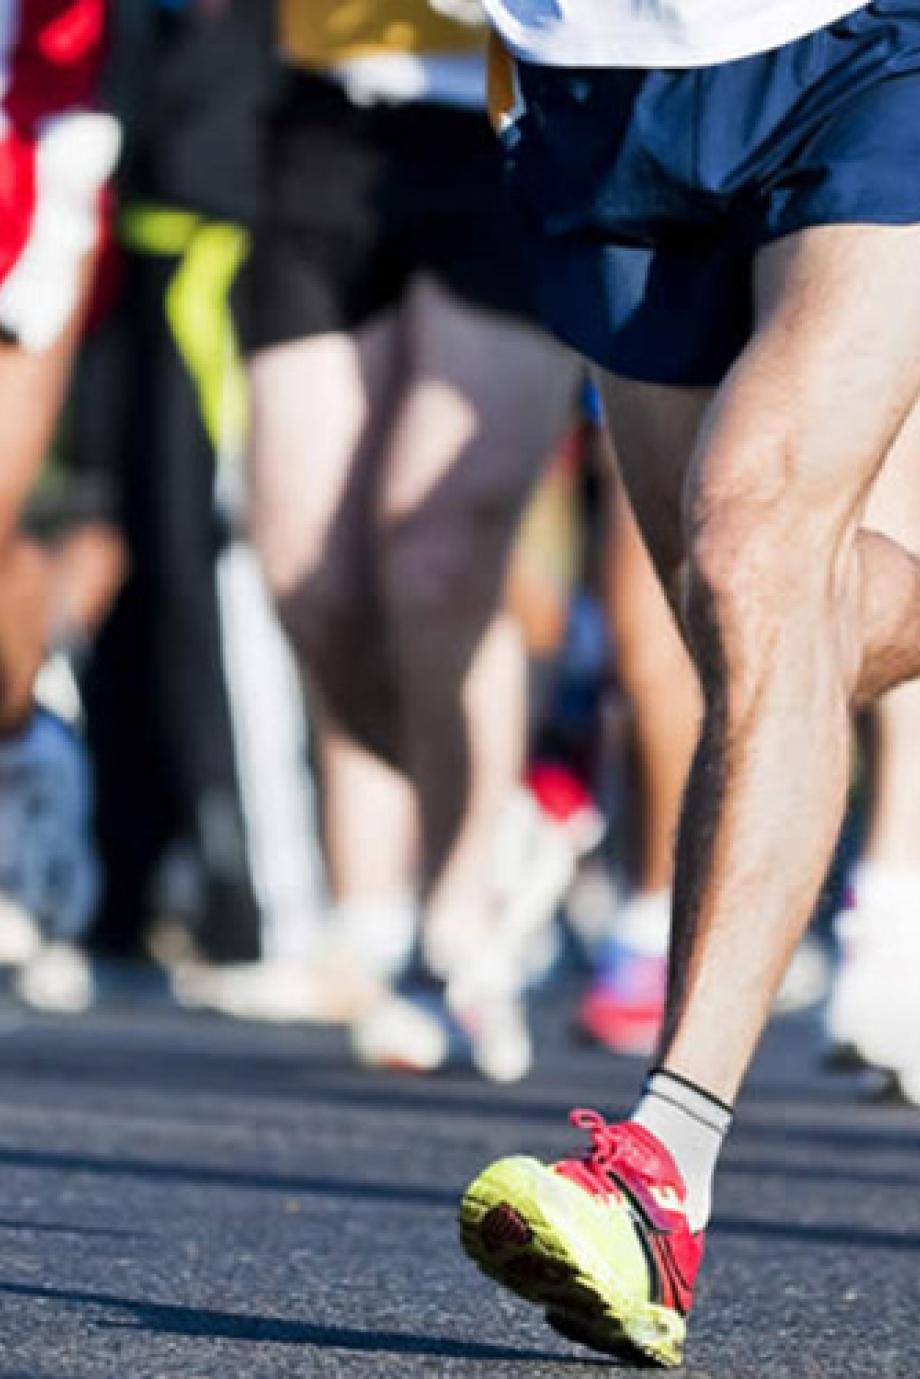 LisboaCool_Blog_A Meia Maratona dos Descobrimentos acontece em Dezembro